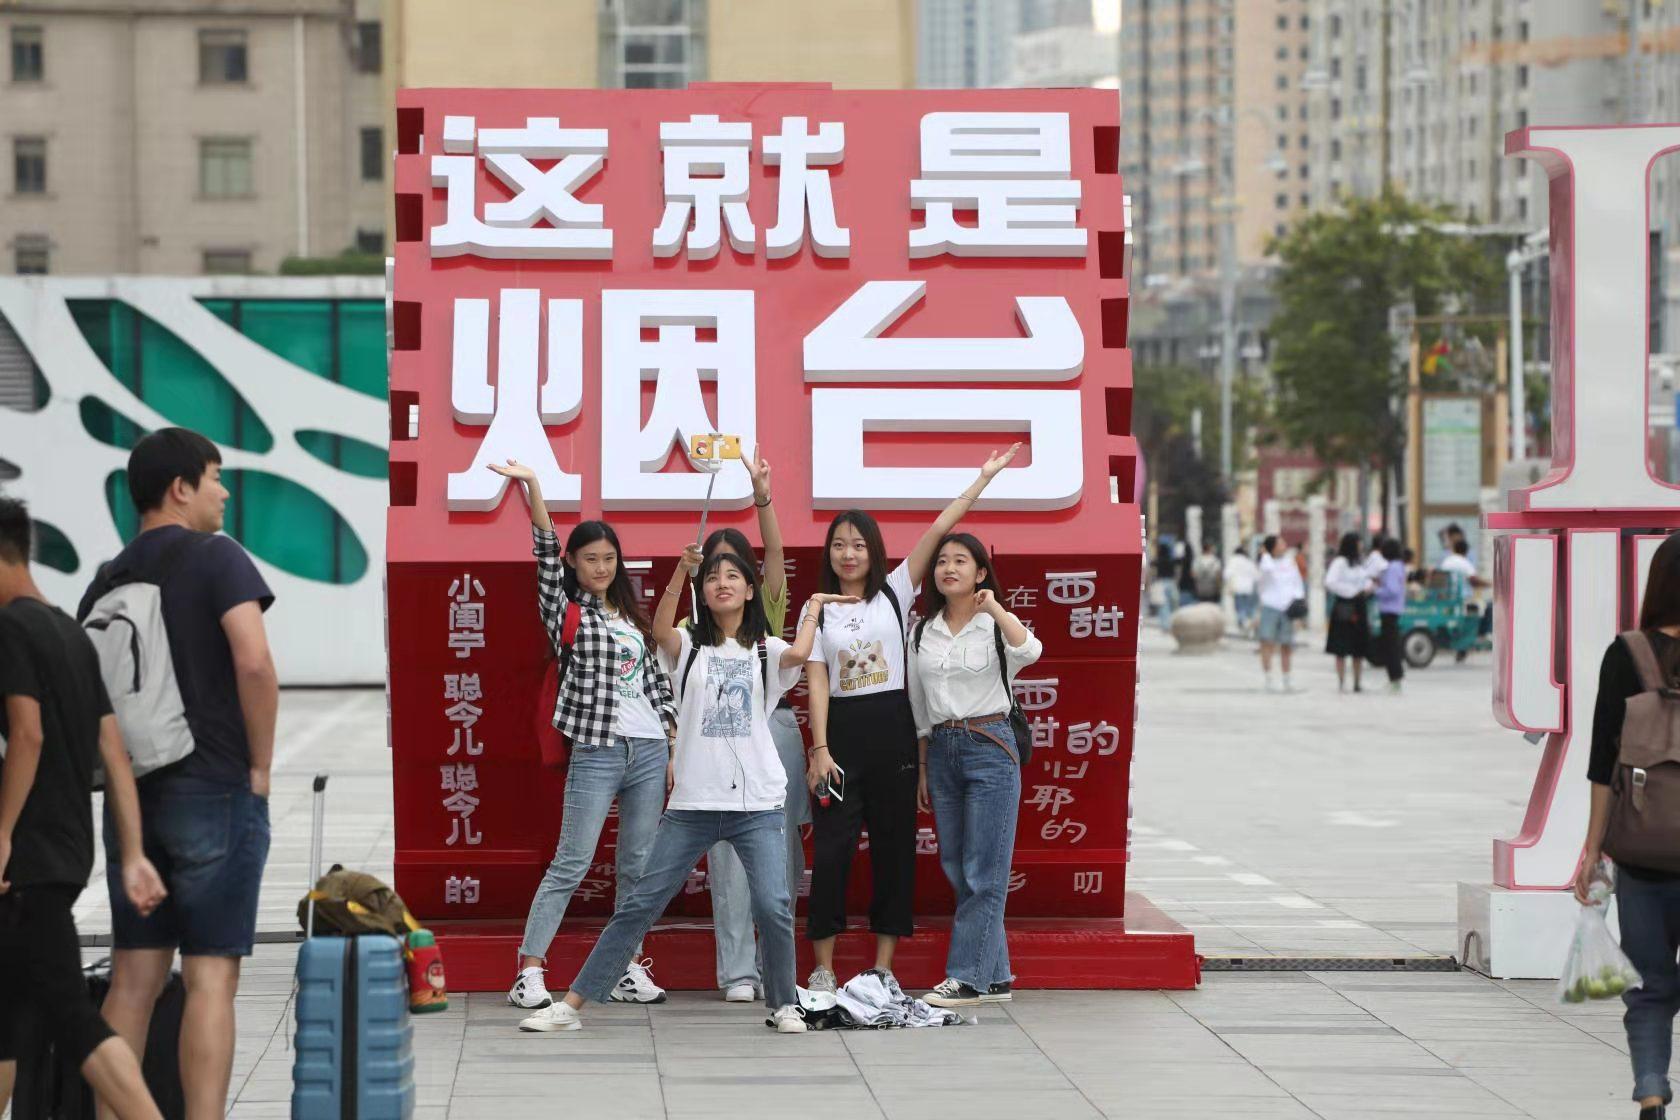 烟台大悦城:打造青年文化引力场,引领港城潮流风向标